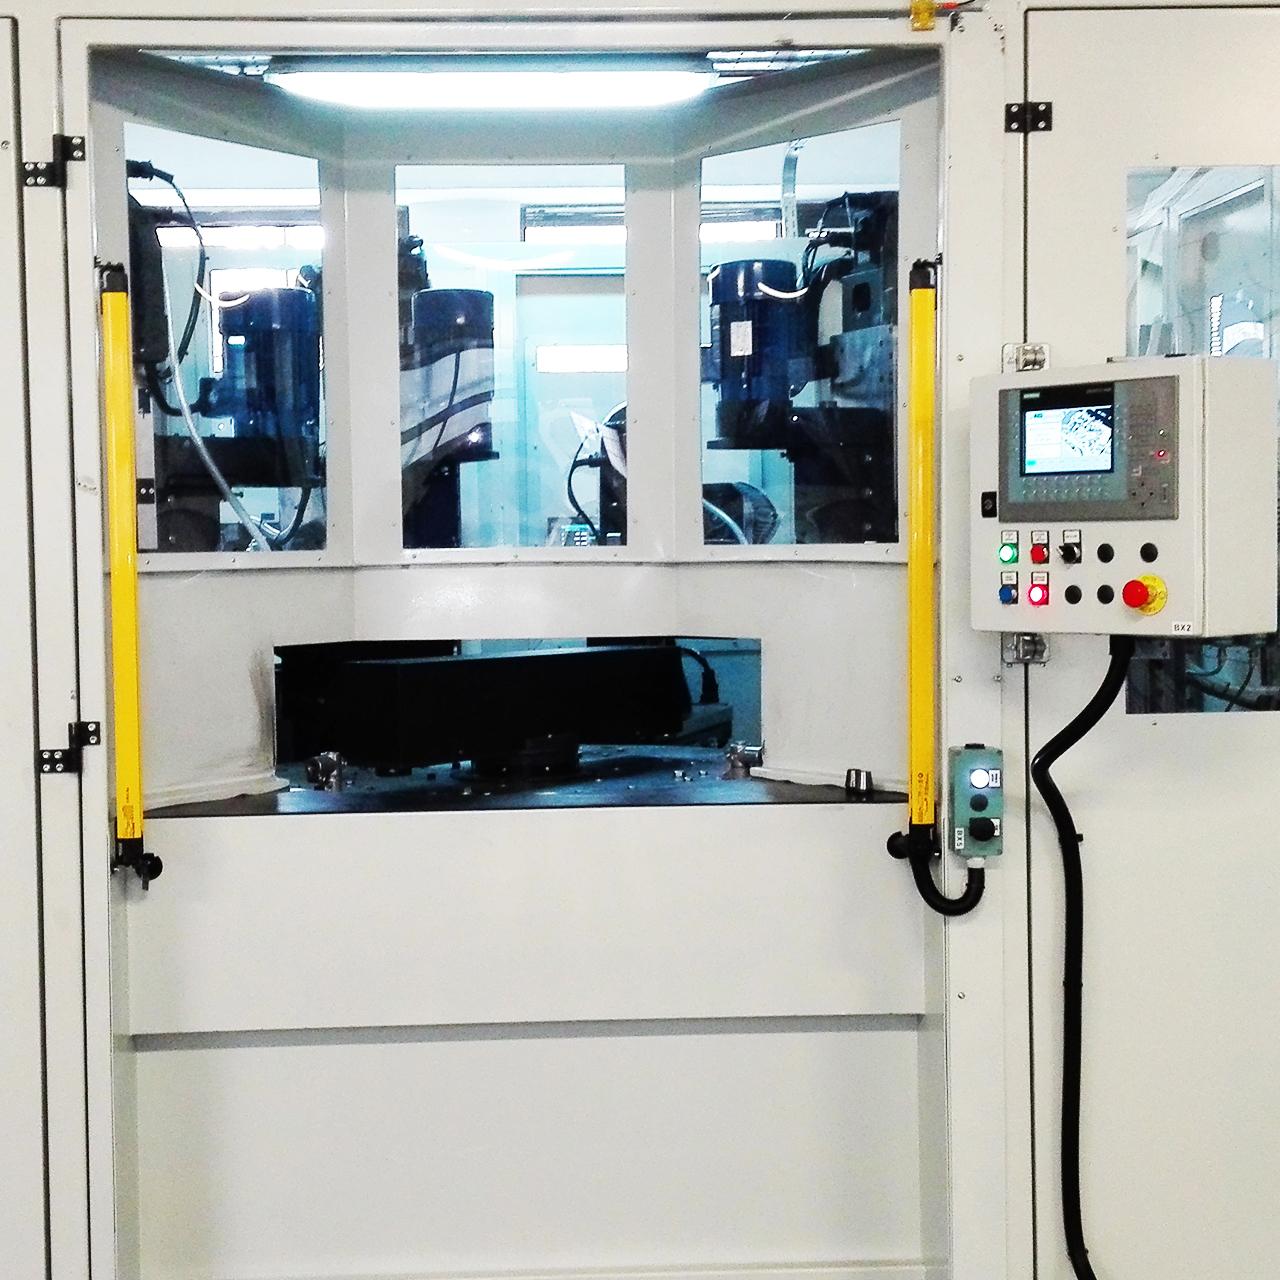 Sistem automat de frezare gaurire si alezare.